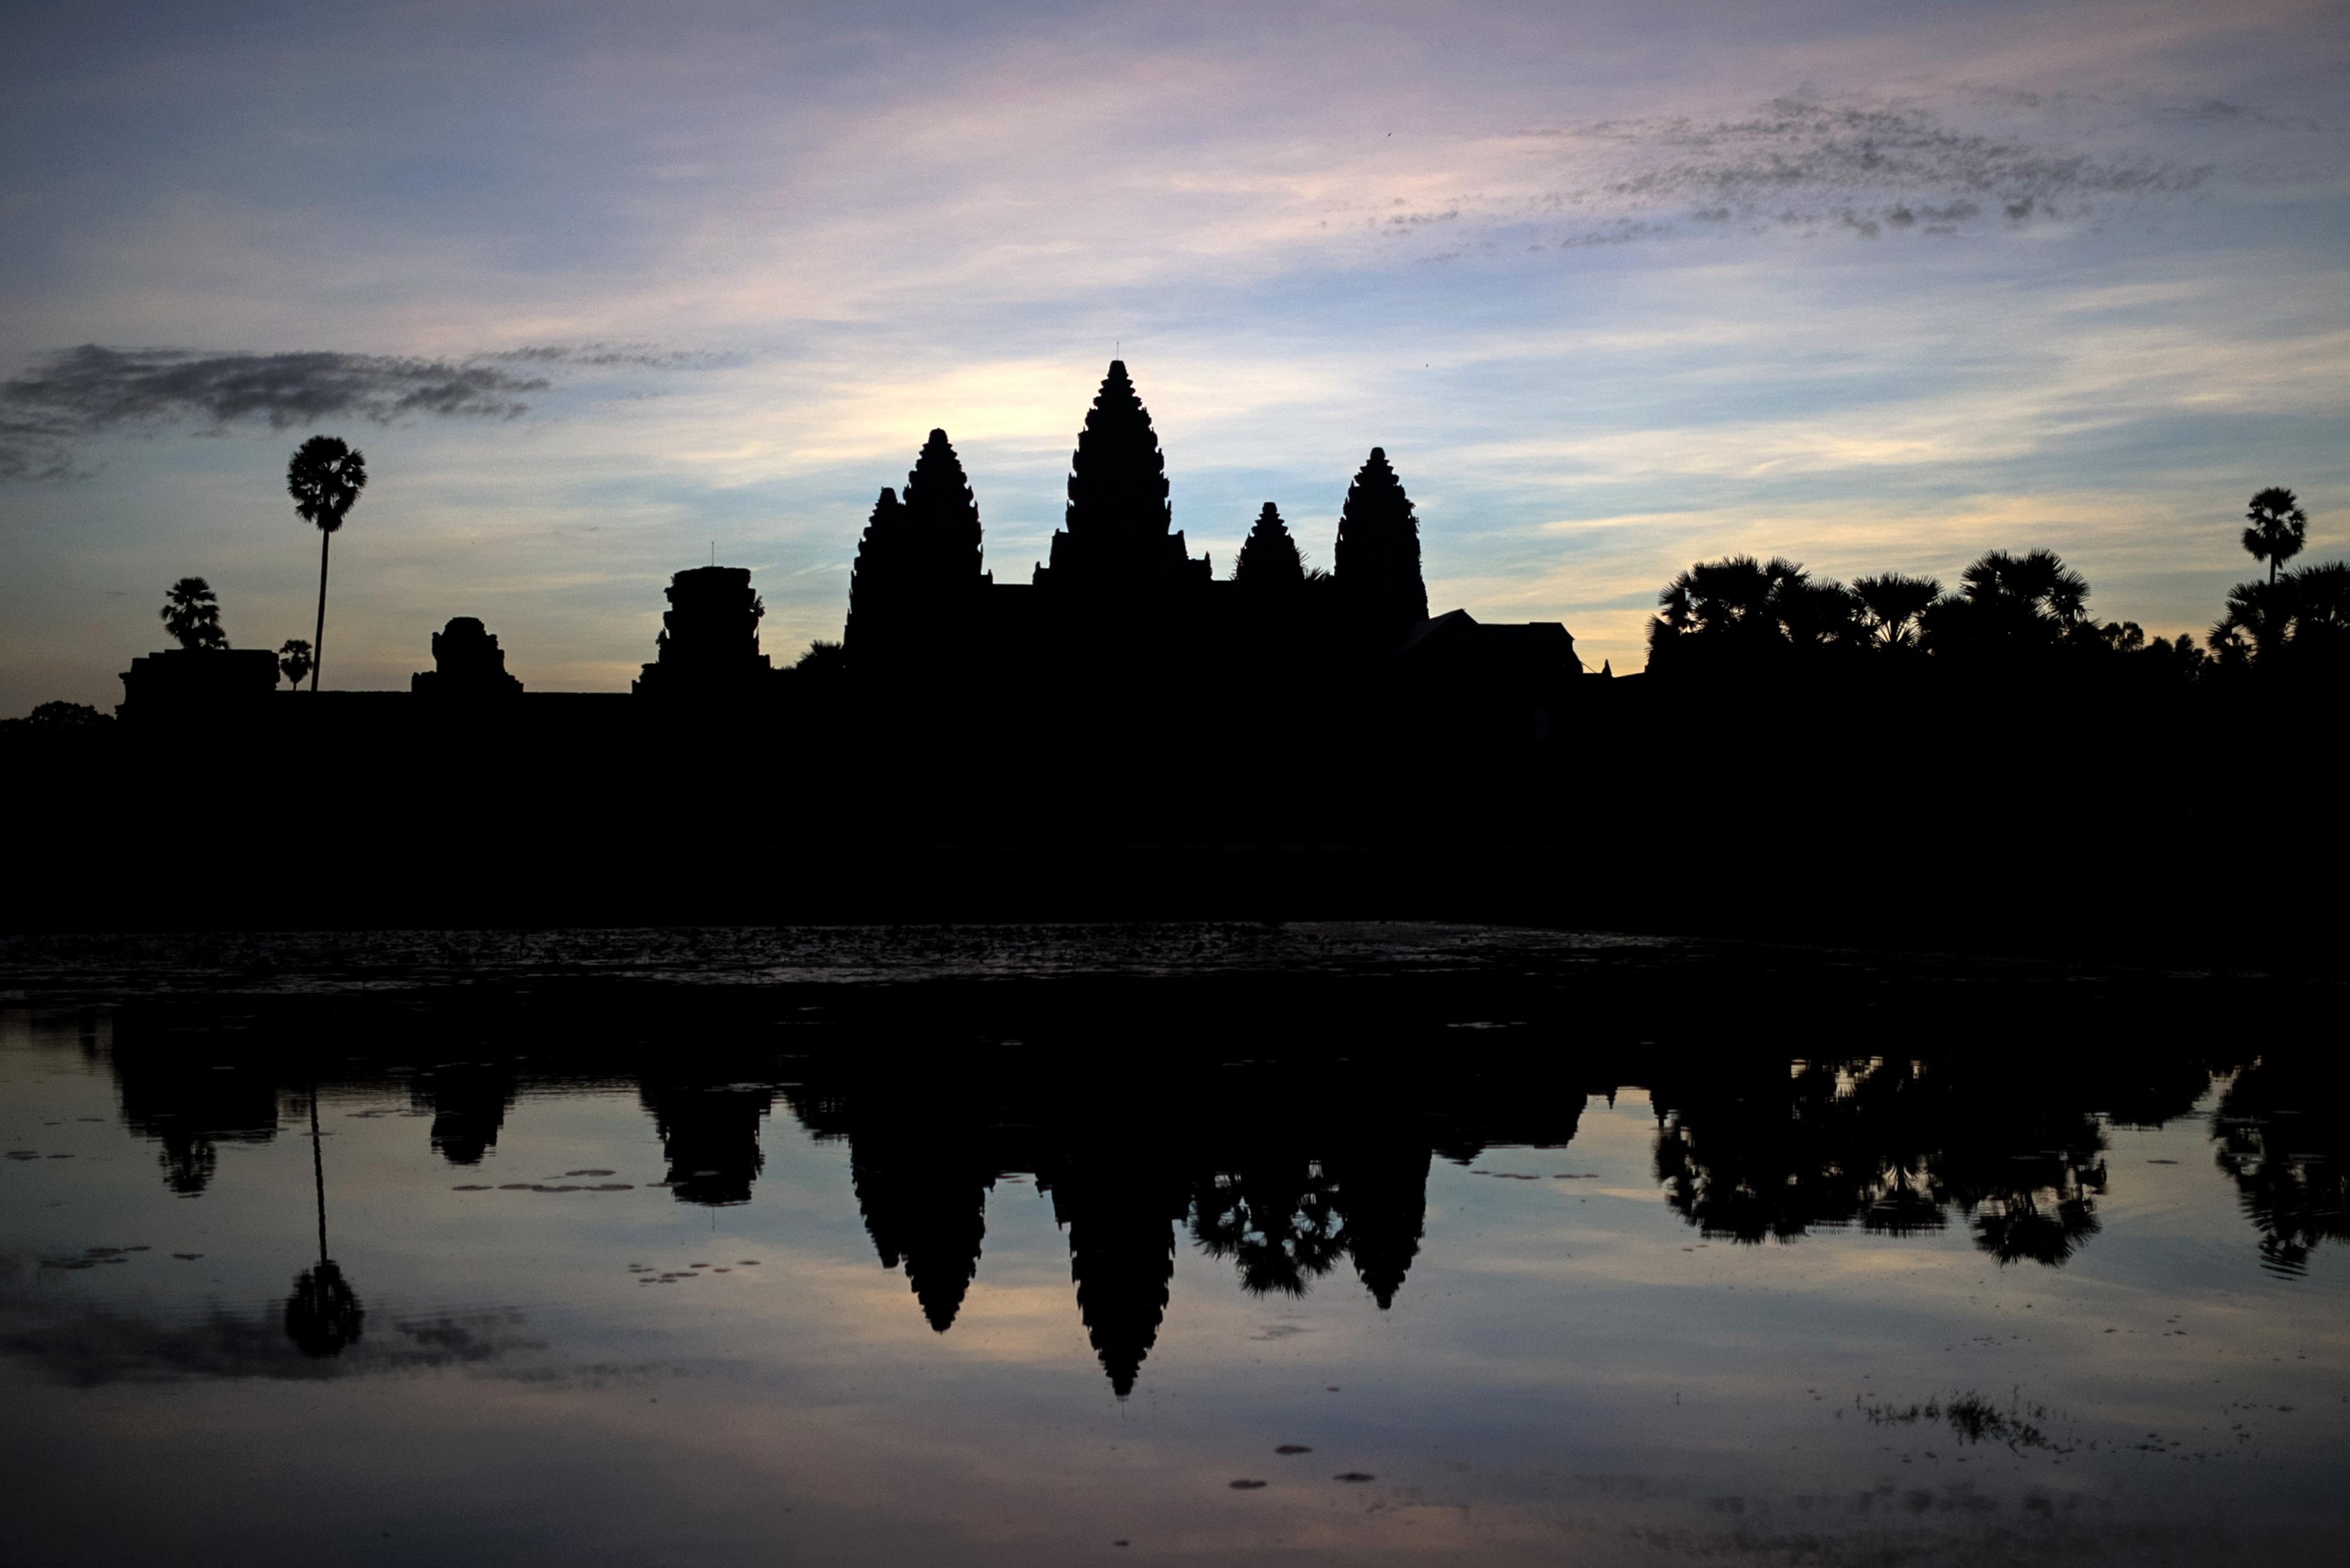 Hatalmas városok romjait fedezték fel a kambodzsai dzsungel alatt